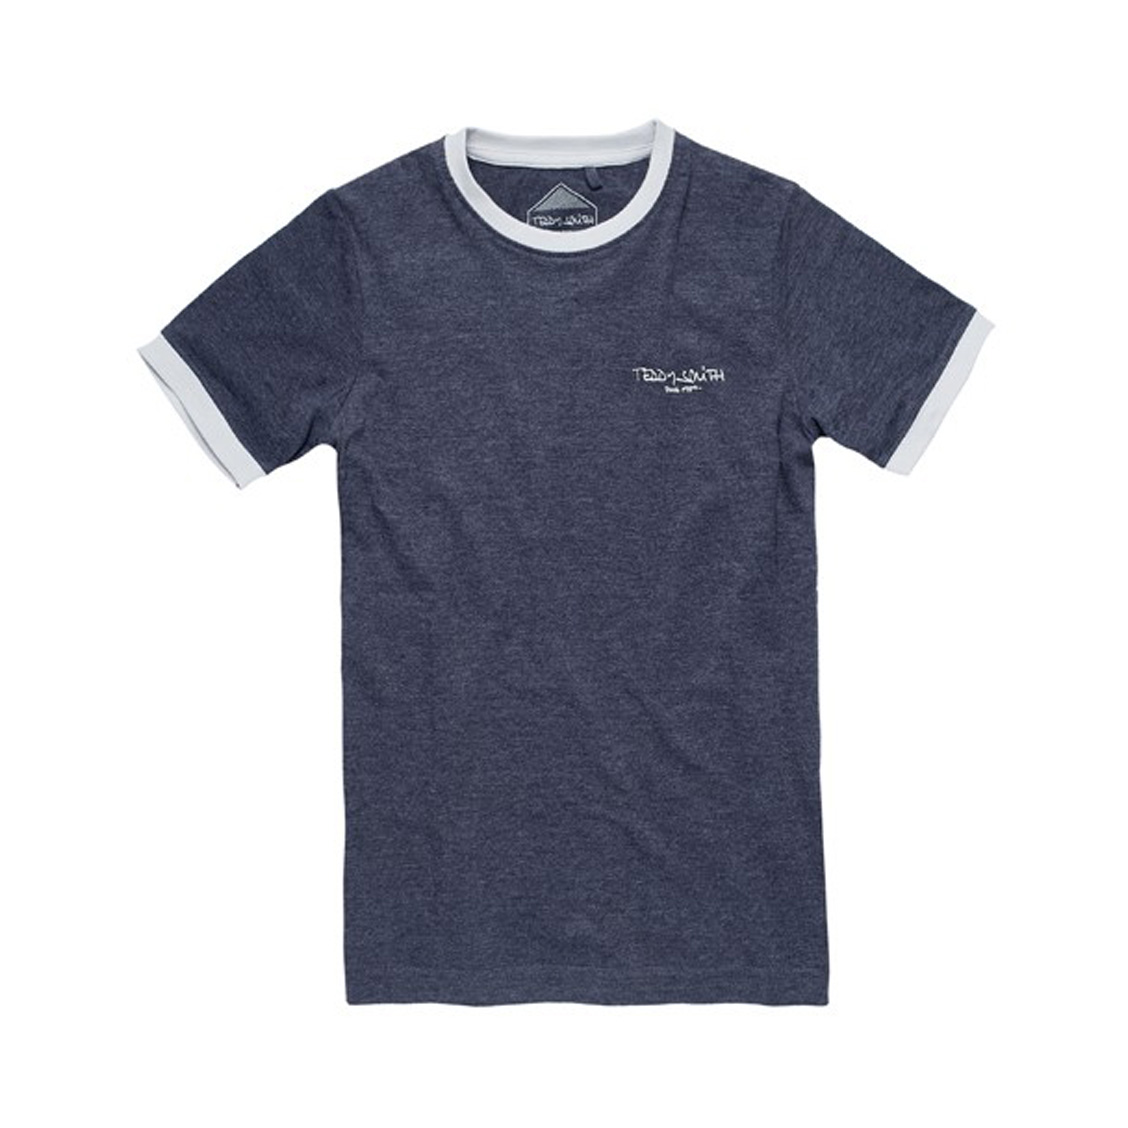 Tee-shirt col rond  the tee bleu marine chiné à bordures blanches